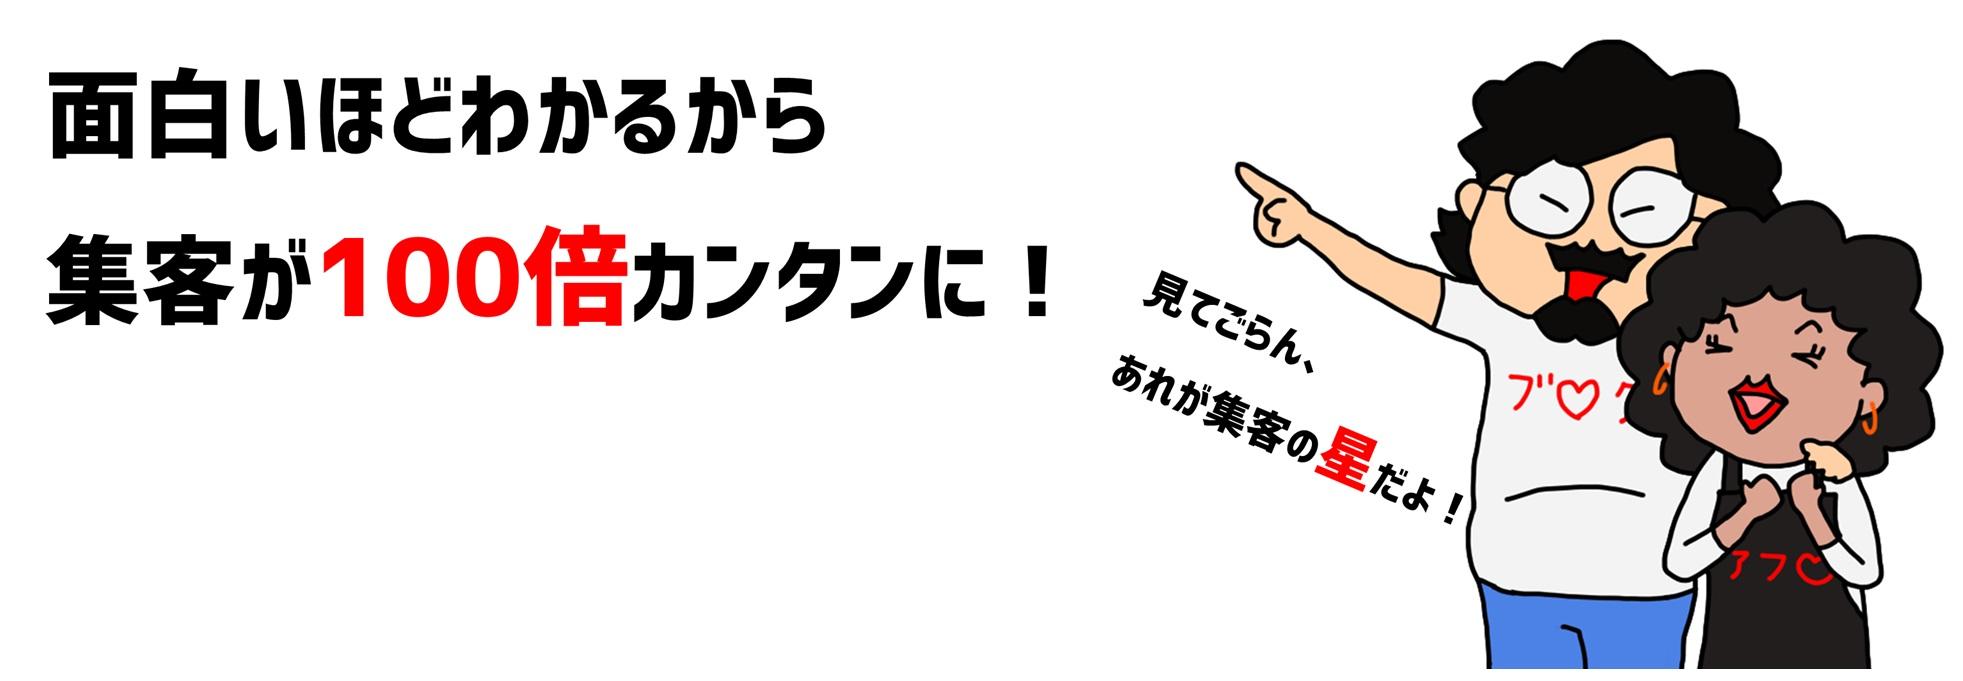 サロン集客が面白いほどわかるブログ~サロン集客、リピート率アップ講座~